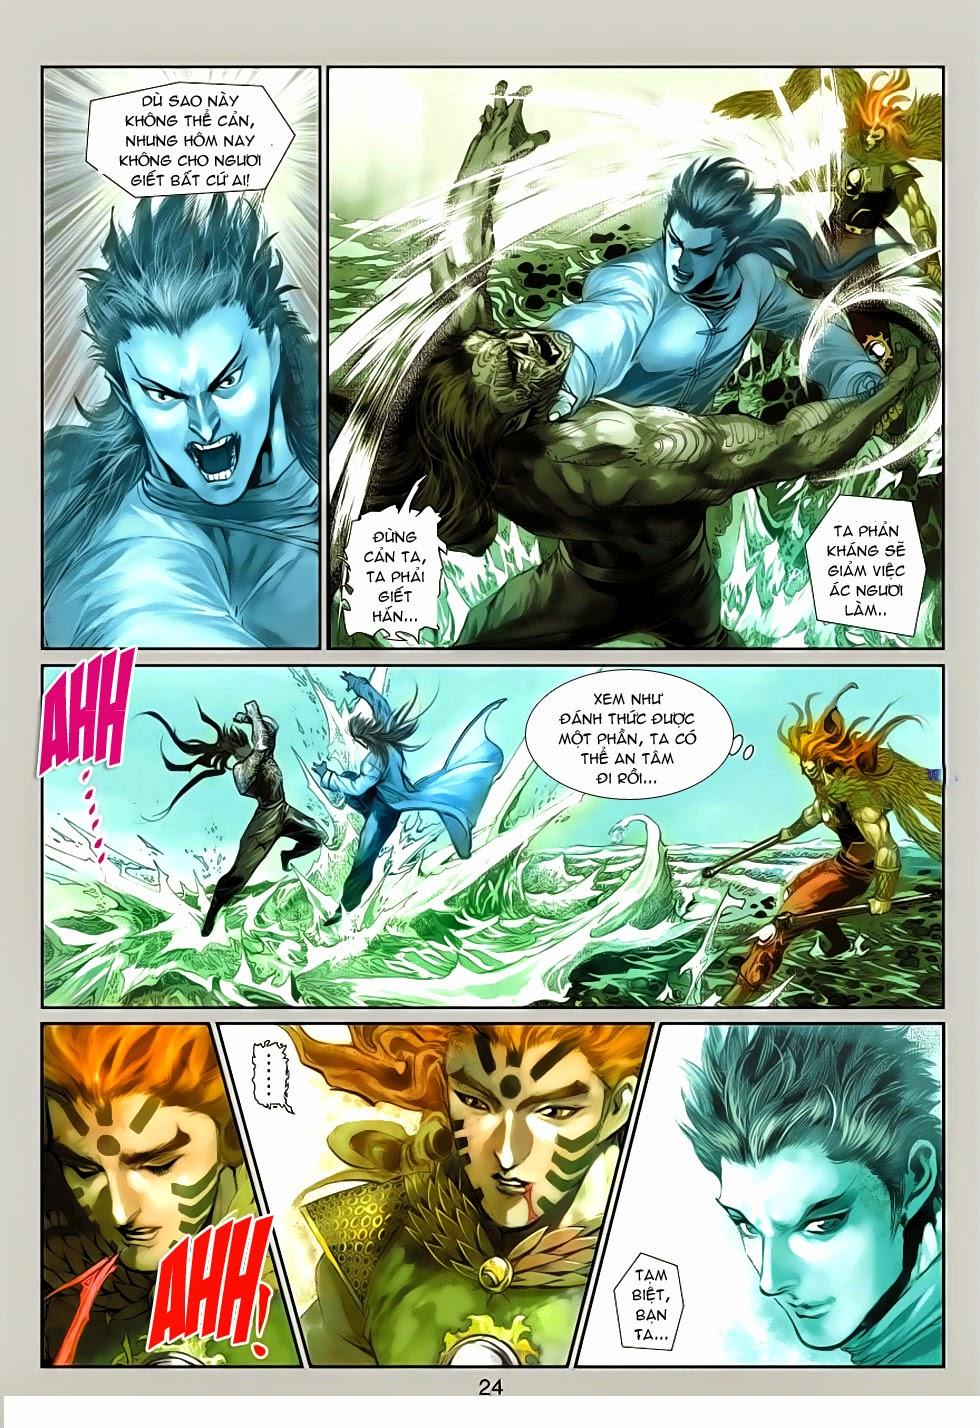 Thần Binh Tiền Truyện 4 - Huyền Thiên Tà Đế chap 13 - Trang 24